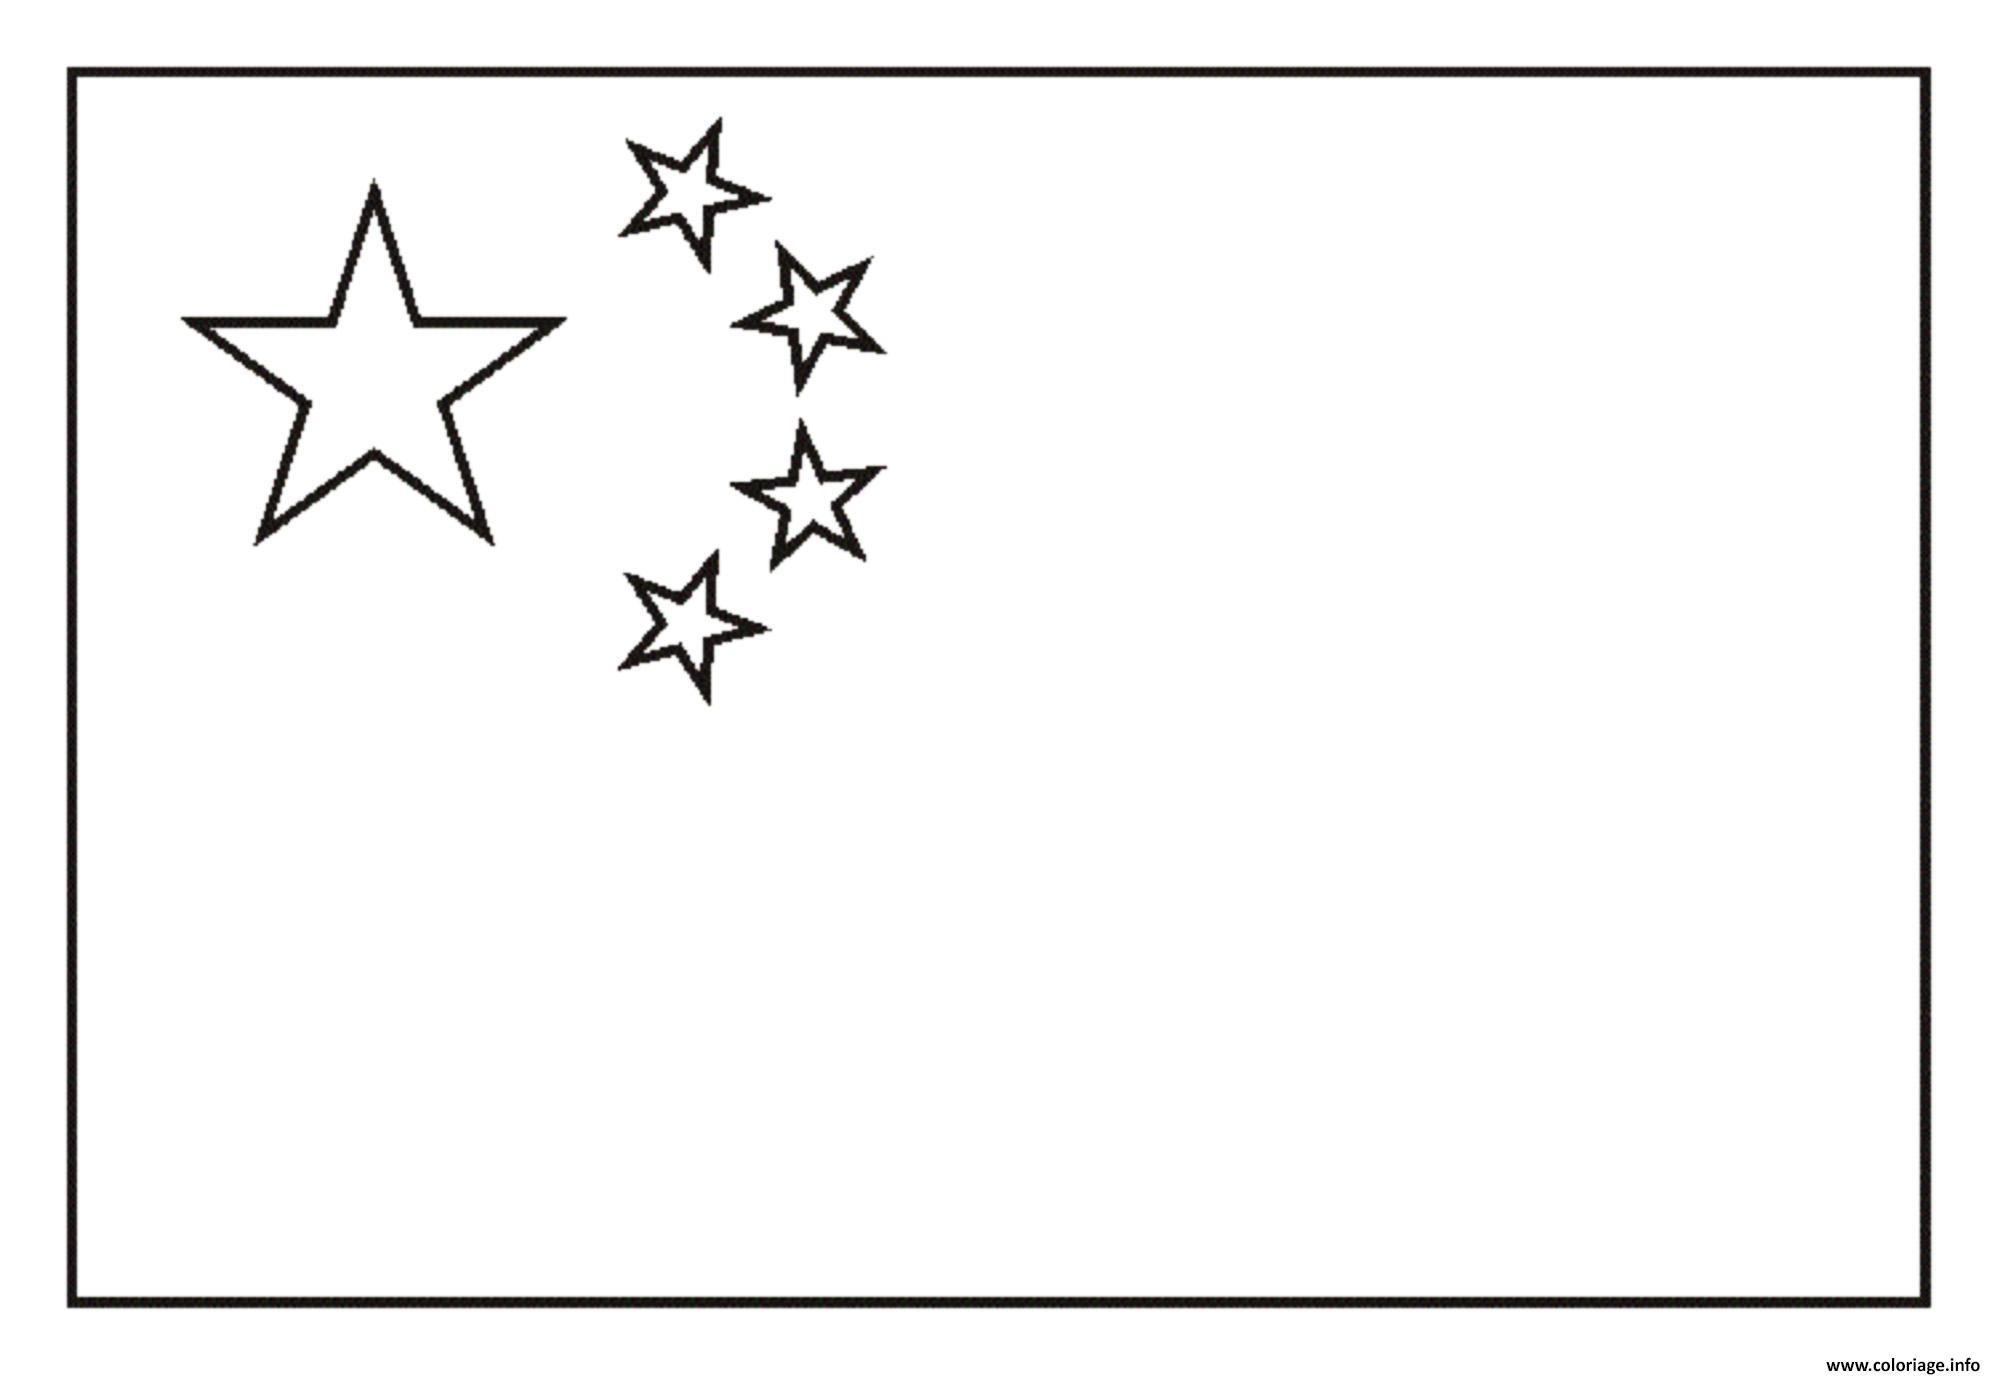 Dessin drapeau chine Coloriage Gratuit à Imprimer